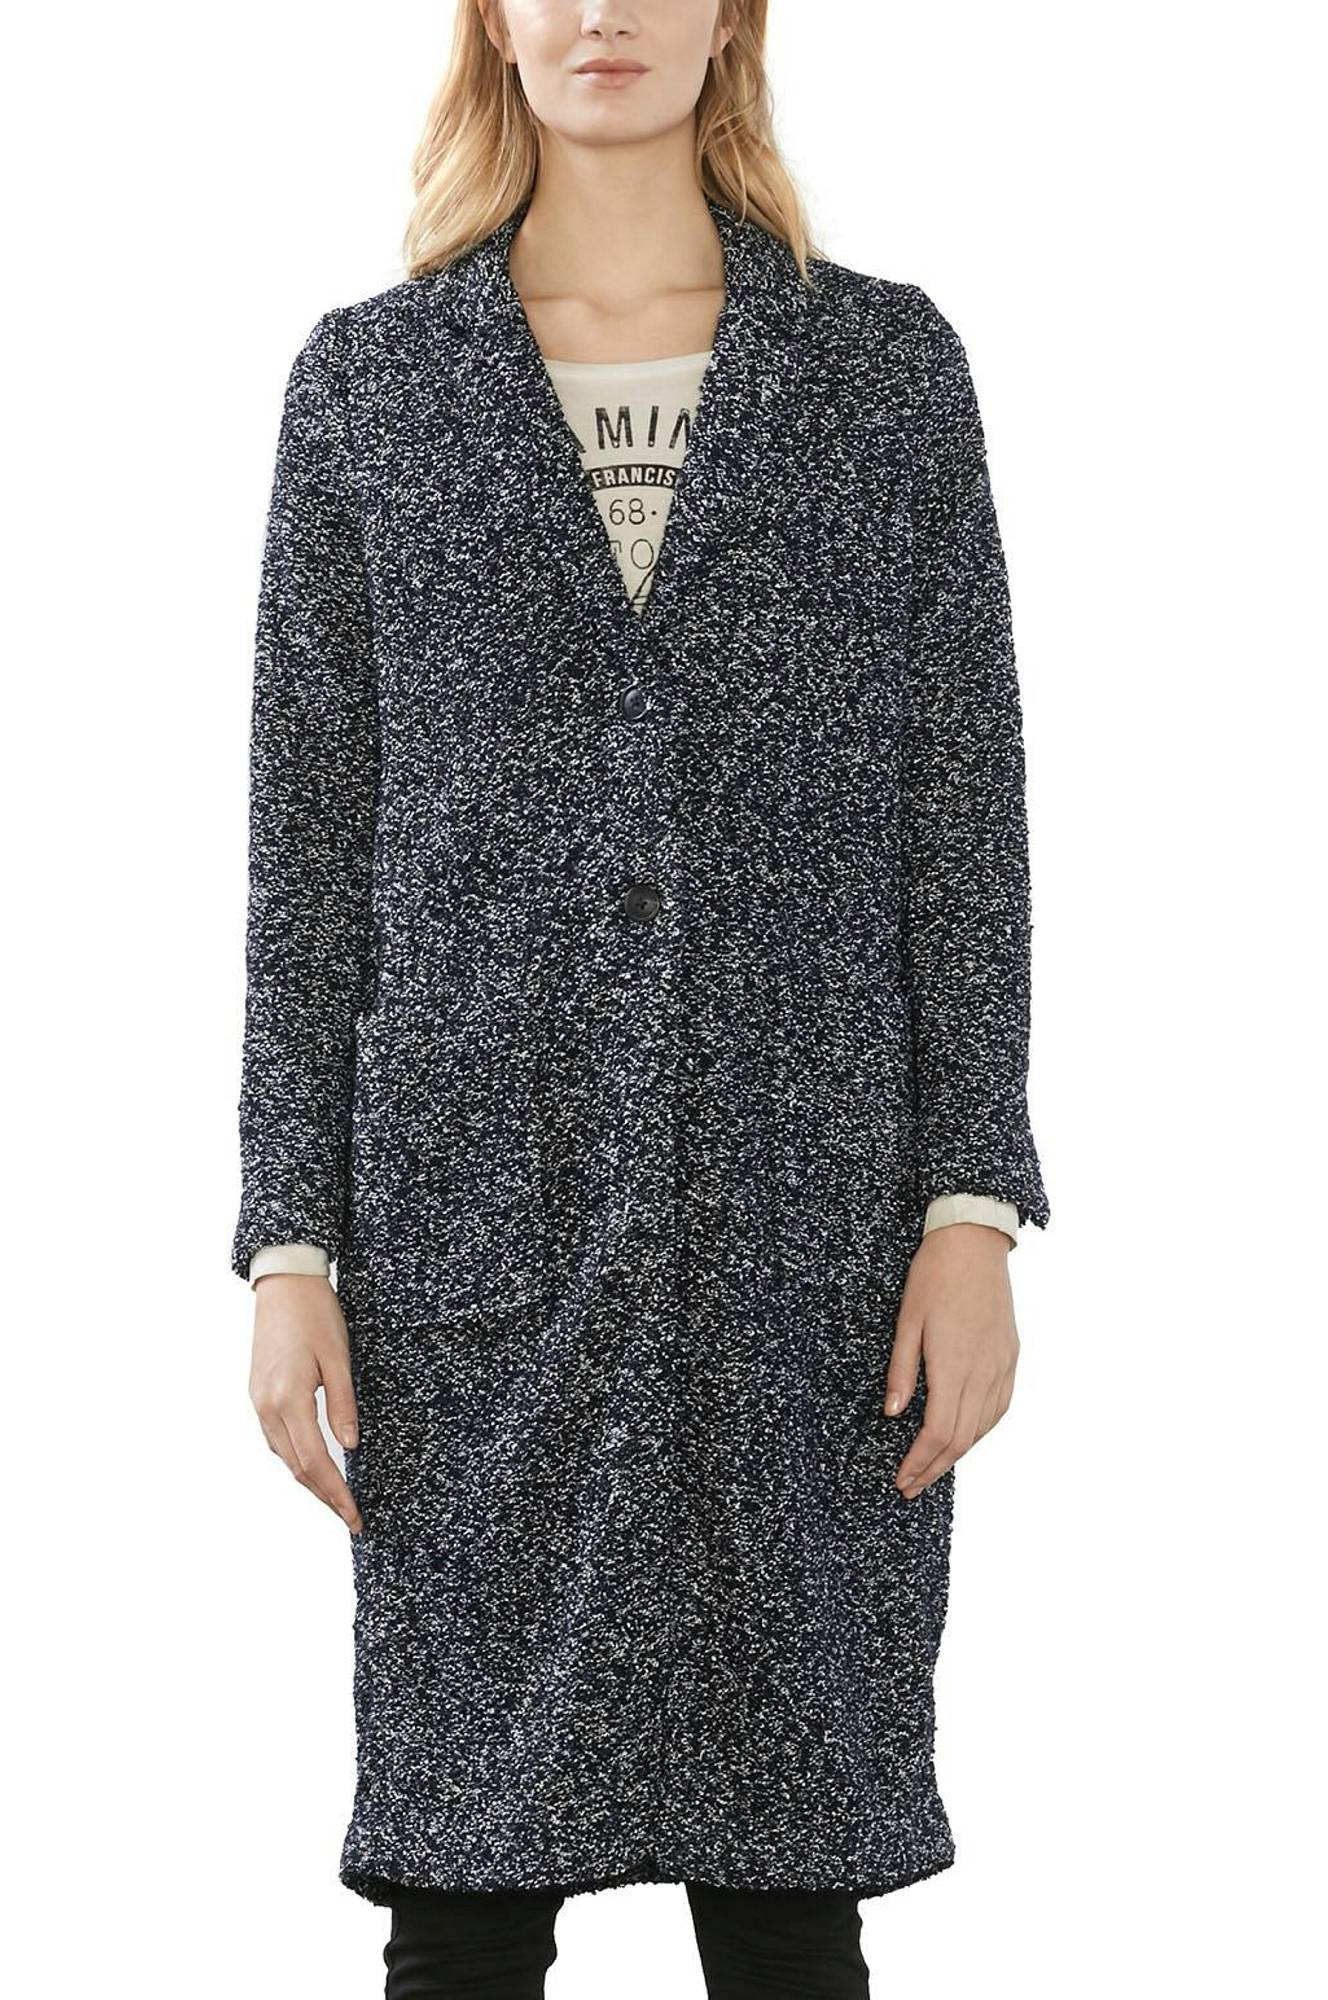 Frakke i uldblanding Esprit Jakker & frakker til Kvinder i Marineblå